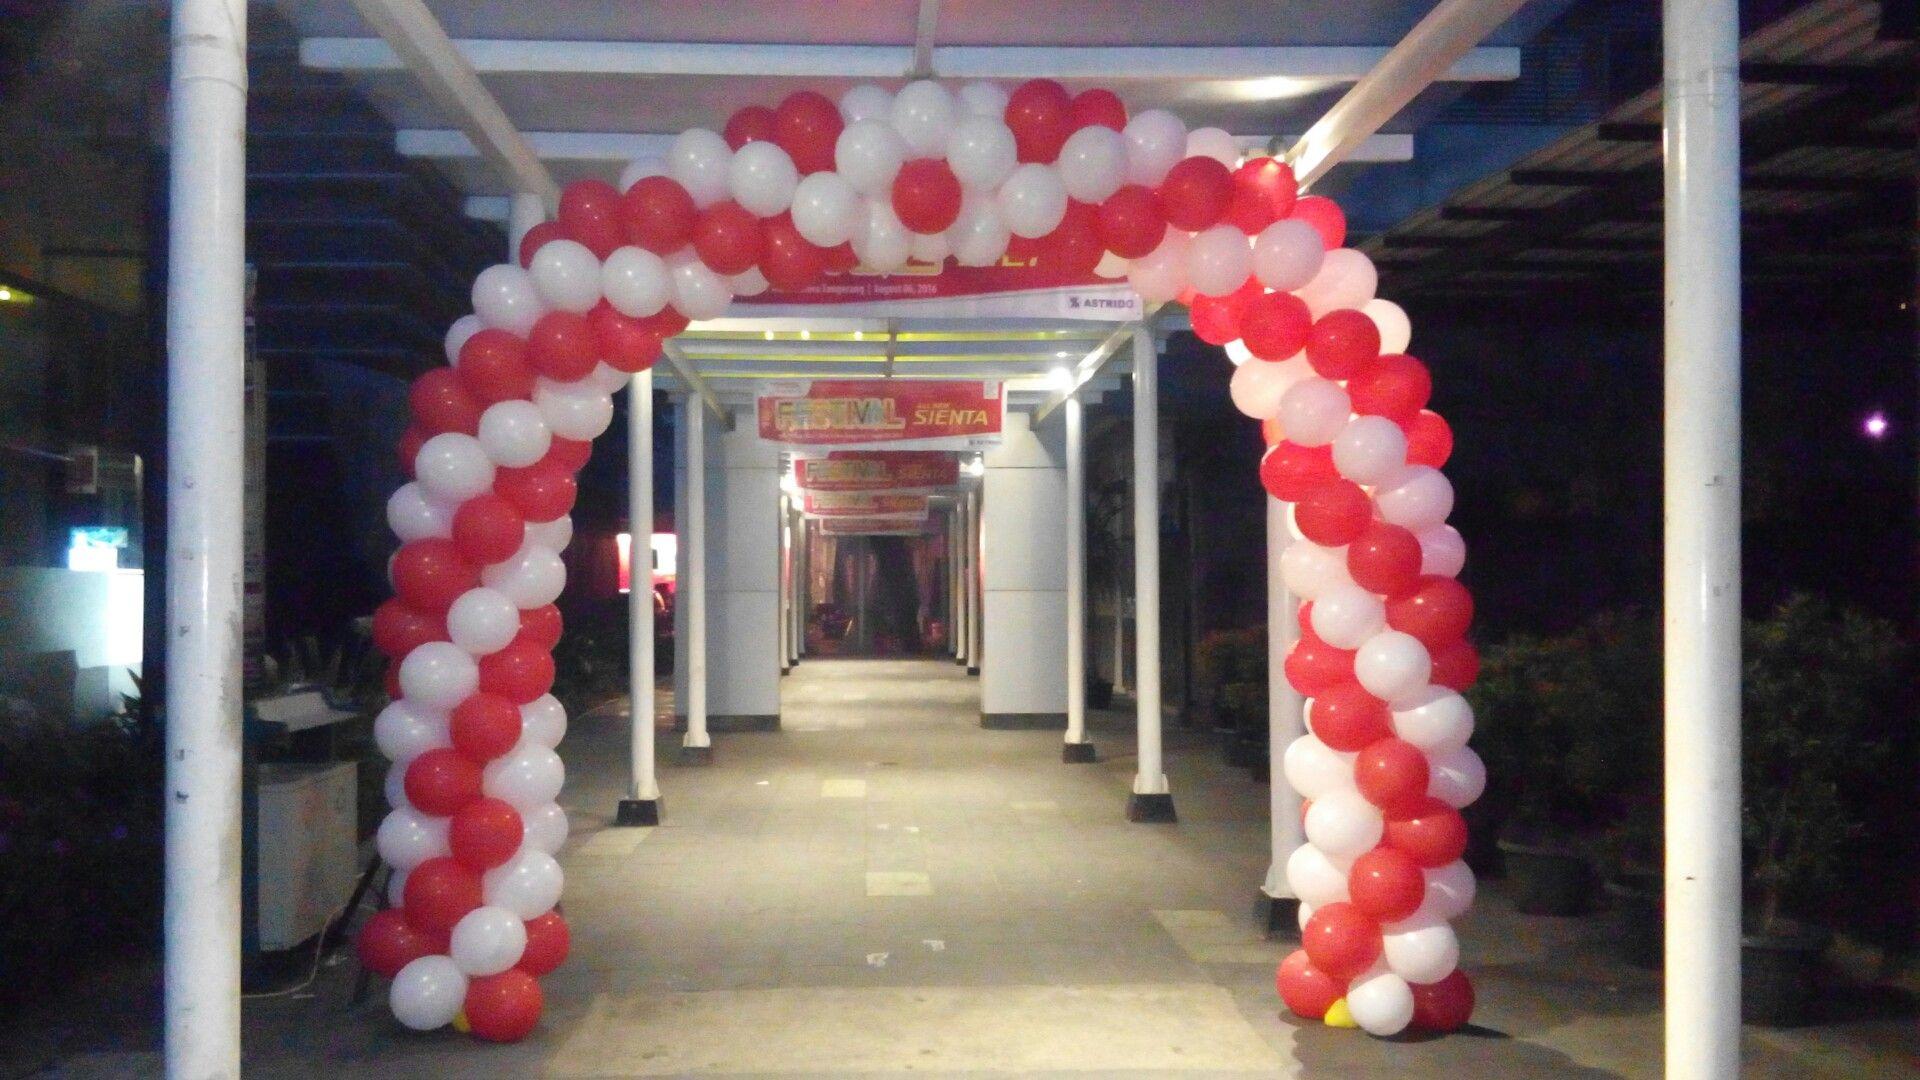 Dekorasi balon gapura 17 agustus Dekorasi balon